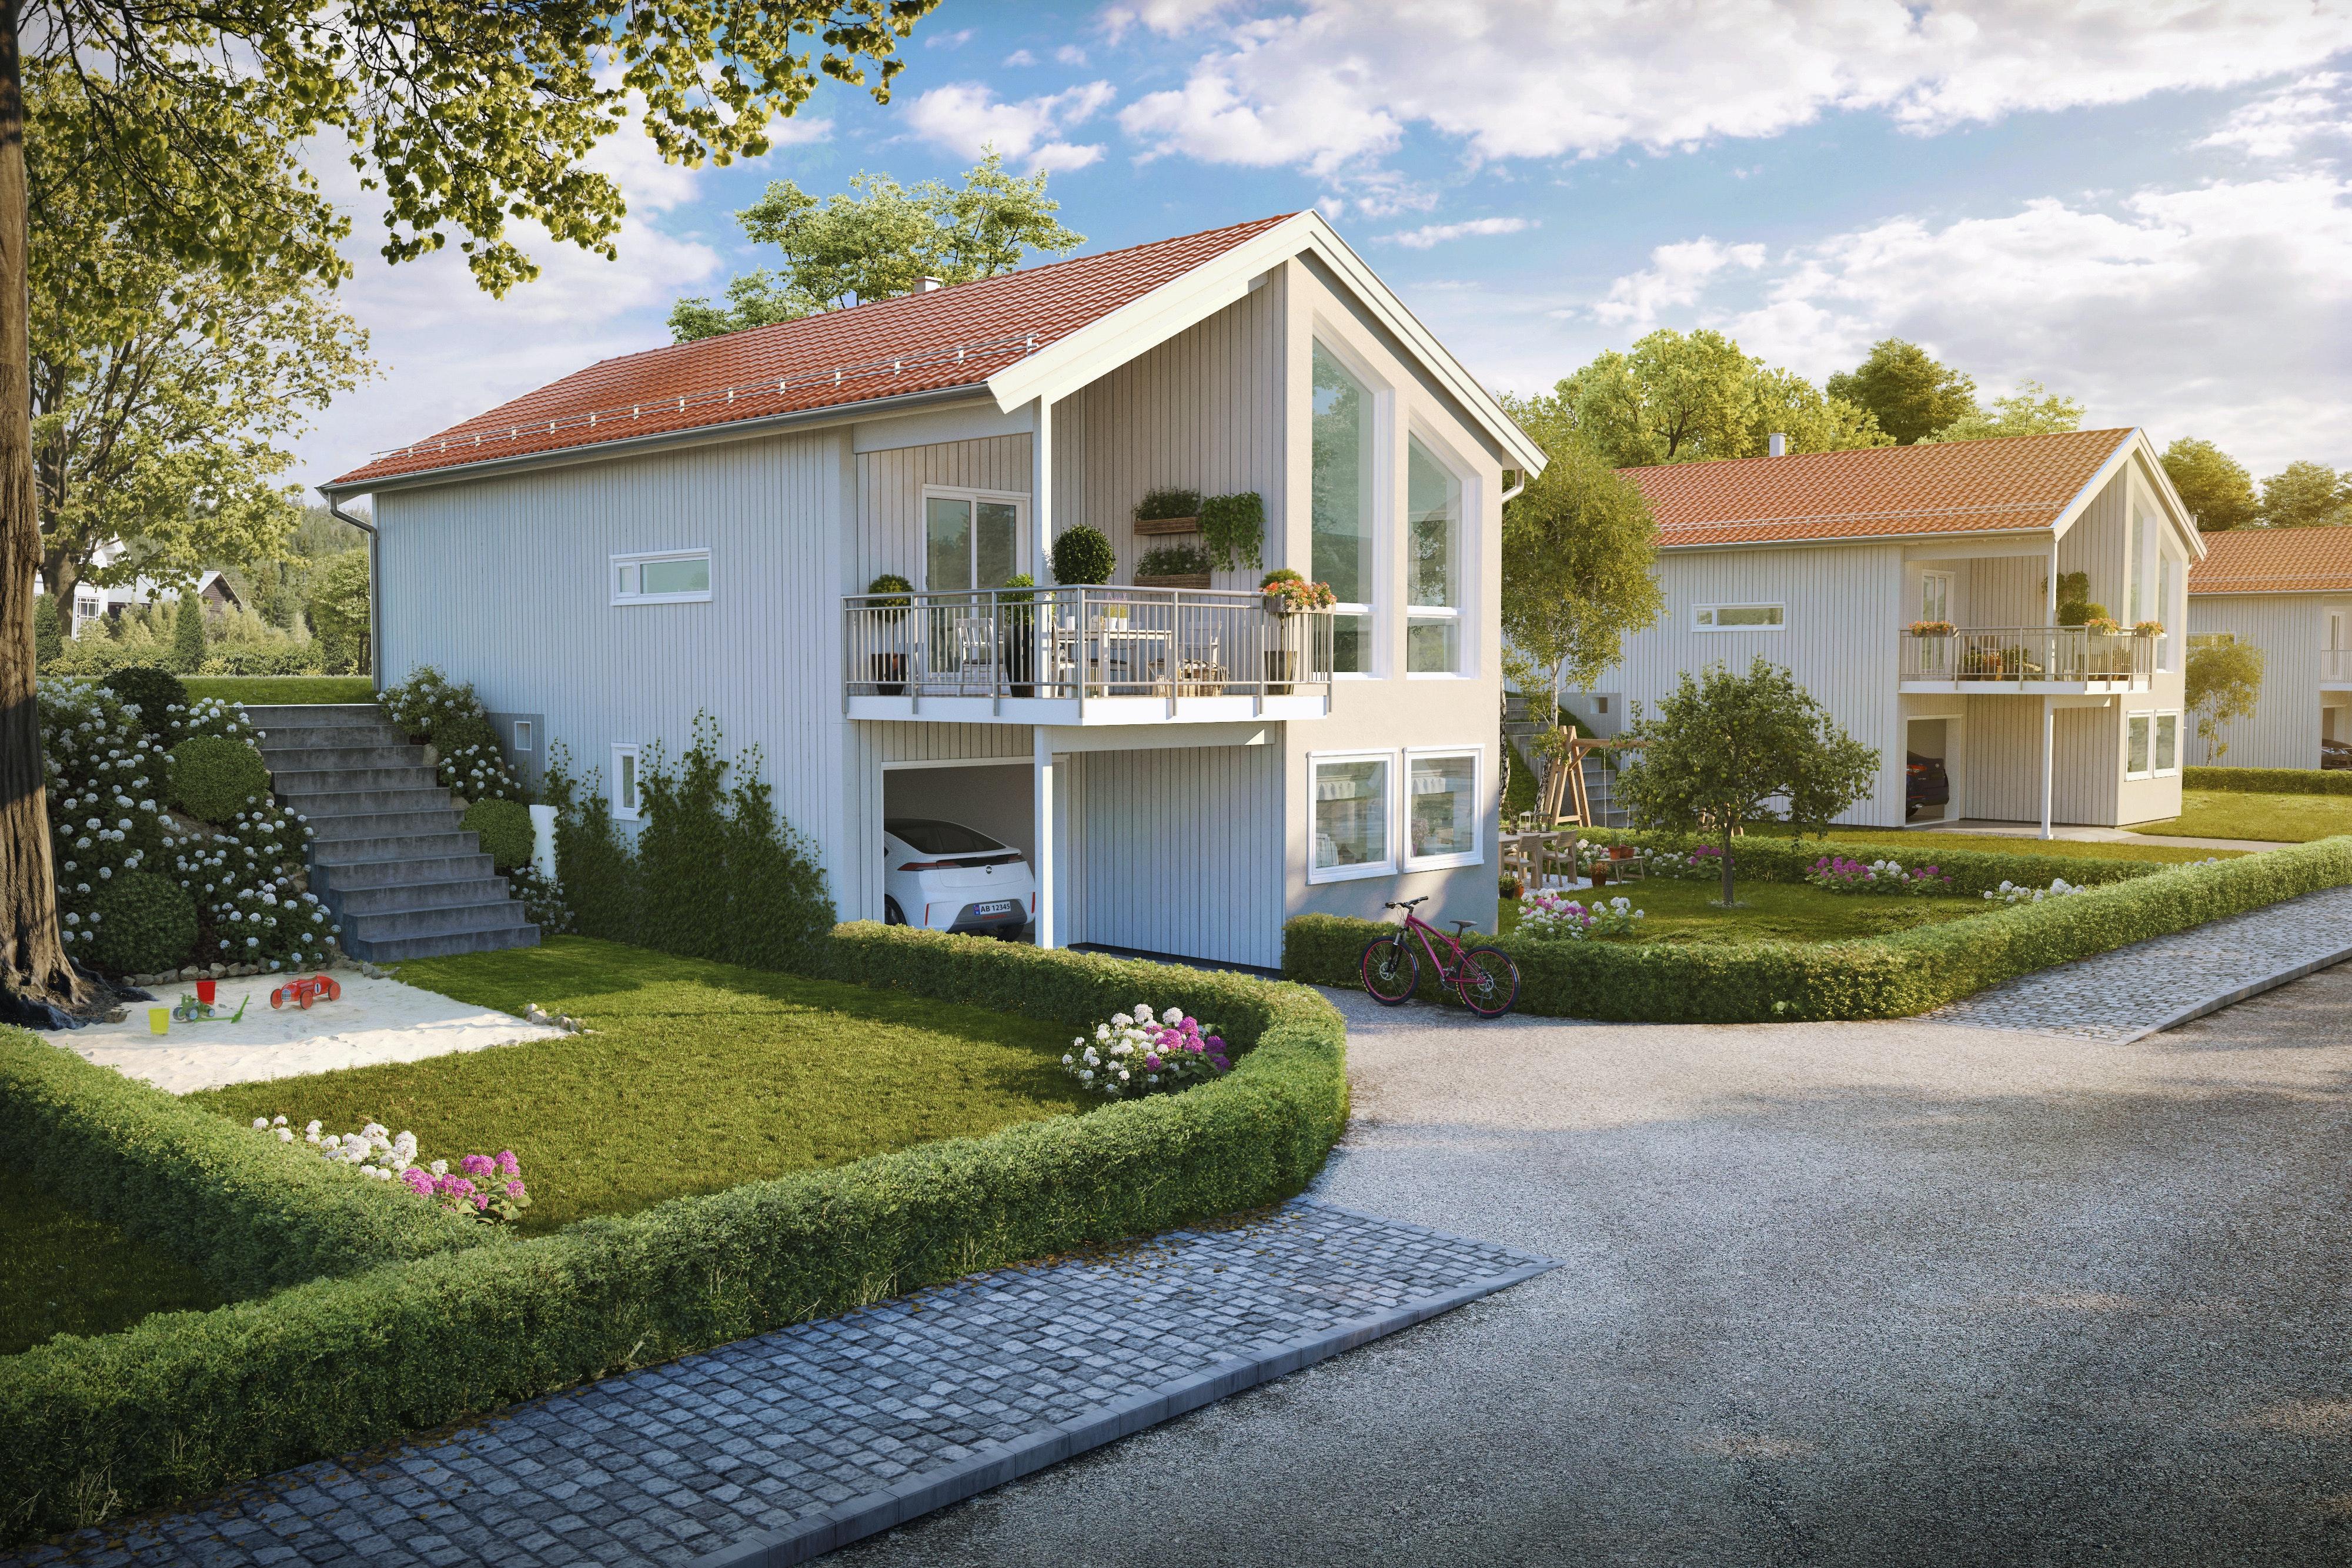 KOMMER FOR SALG I BRUMUNDDAL - Nye moderne eneboliger med egen hage